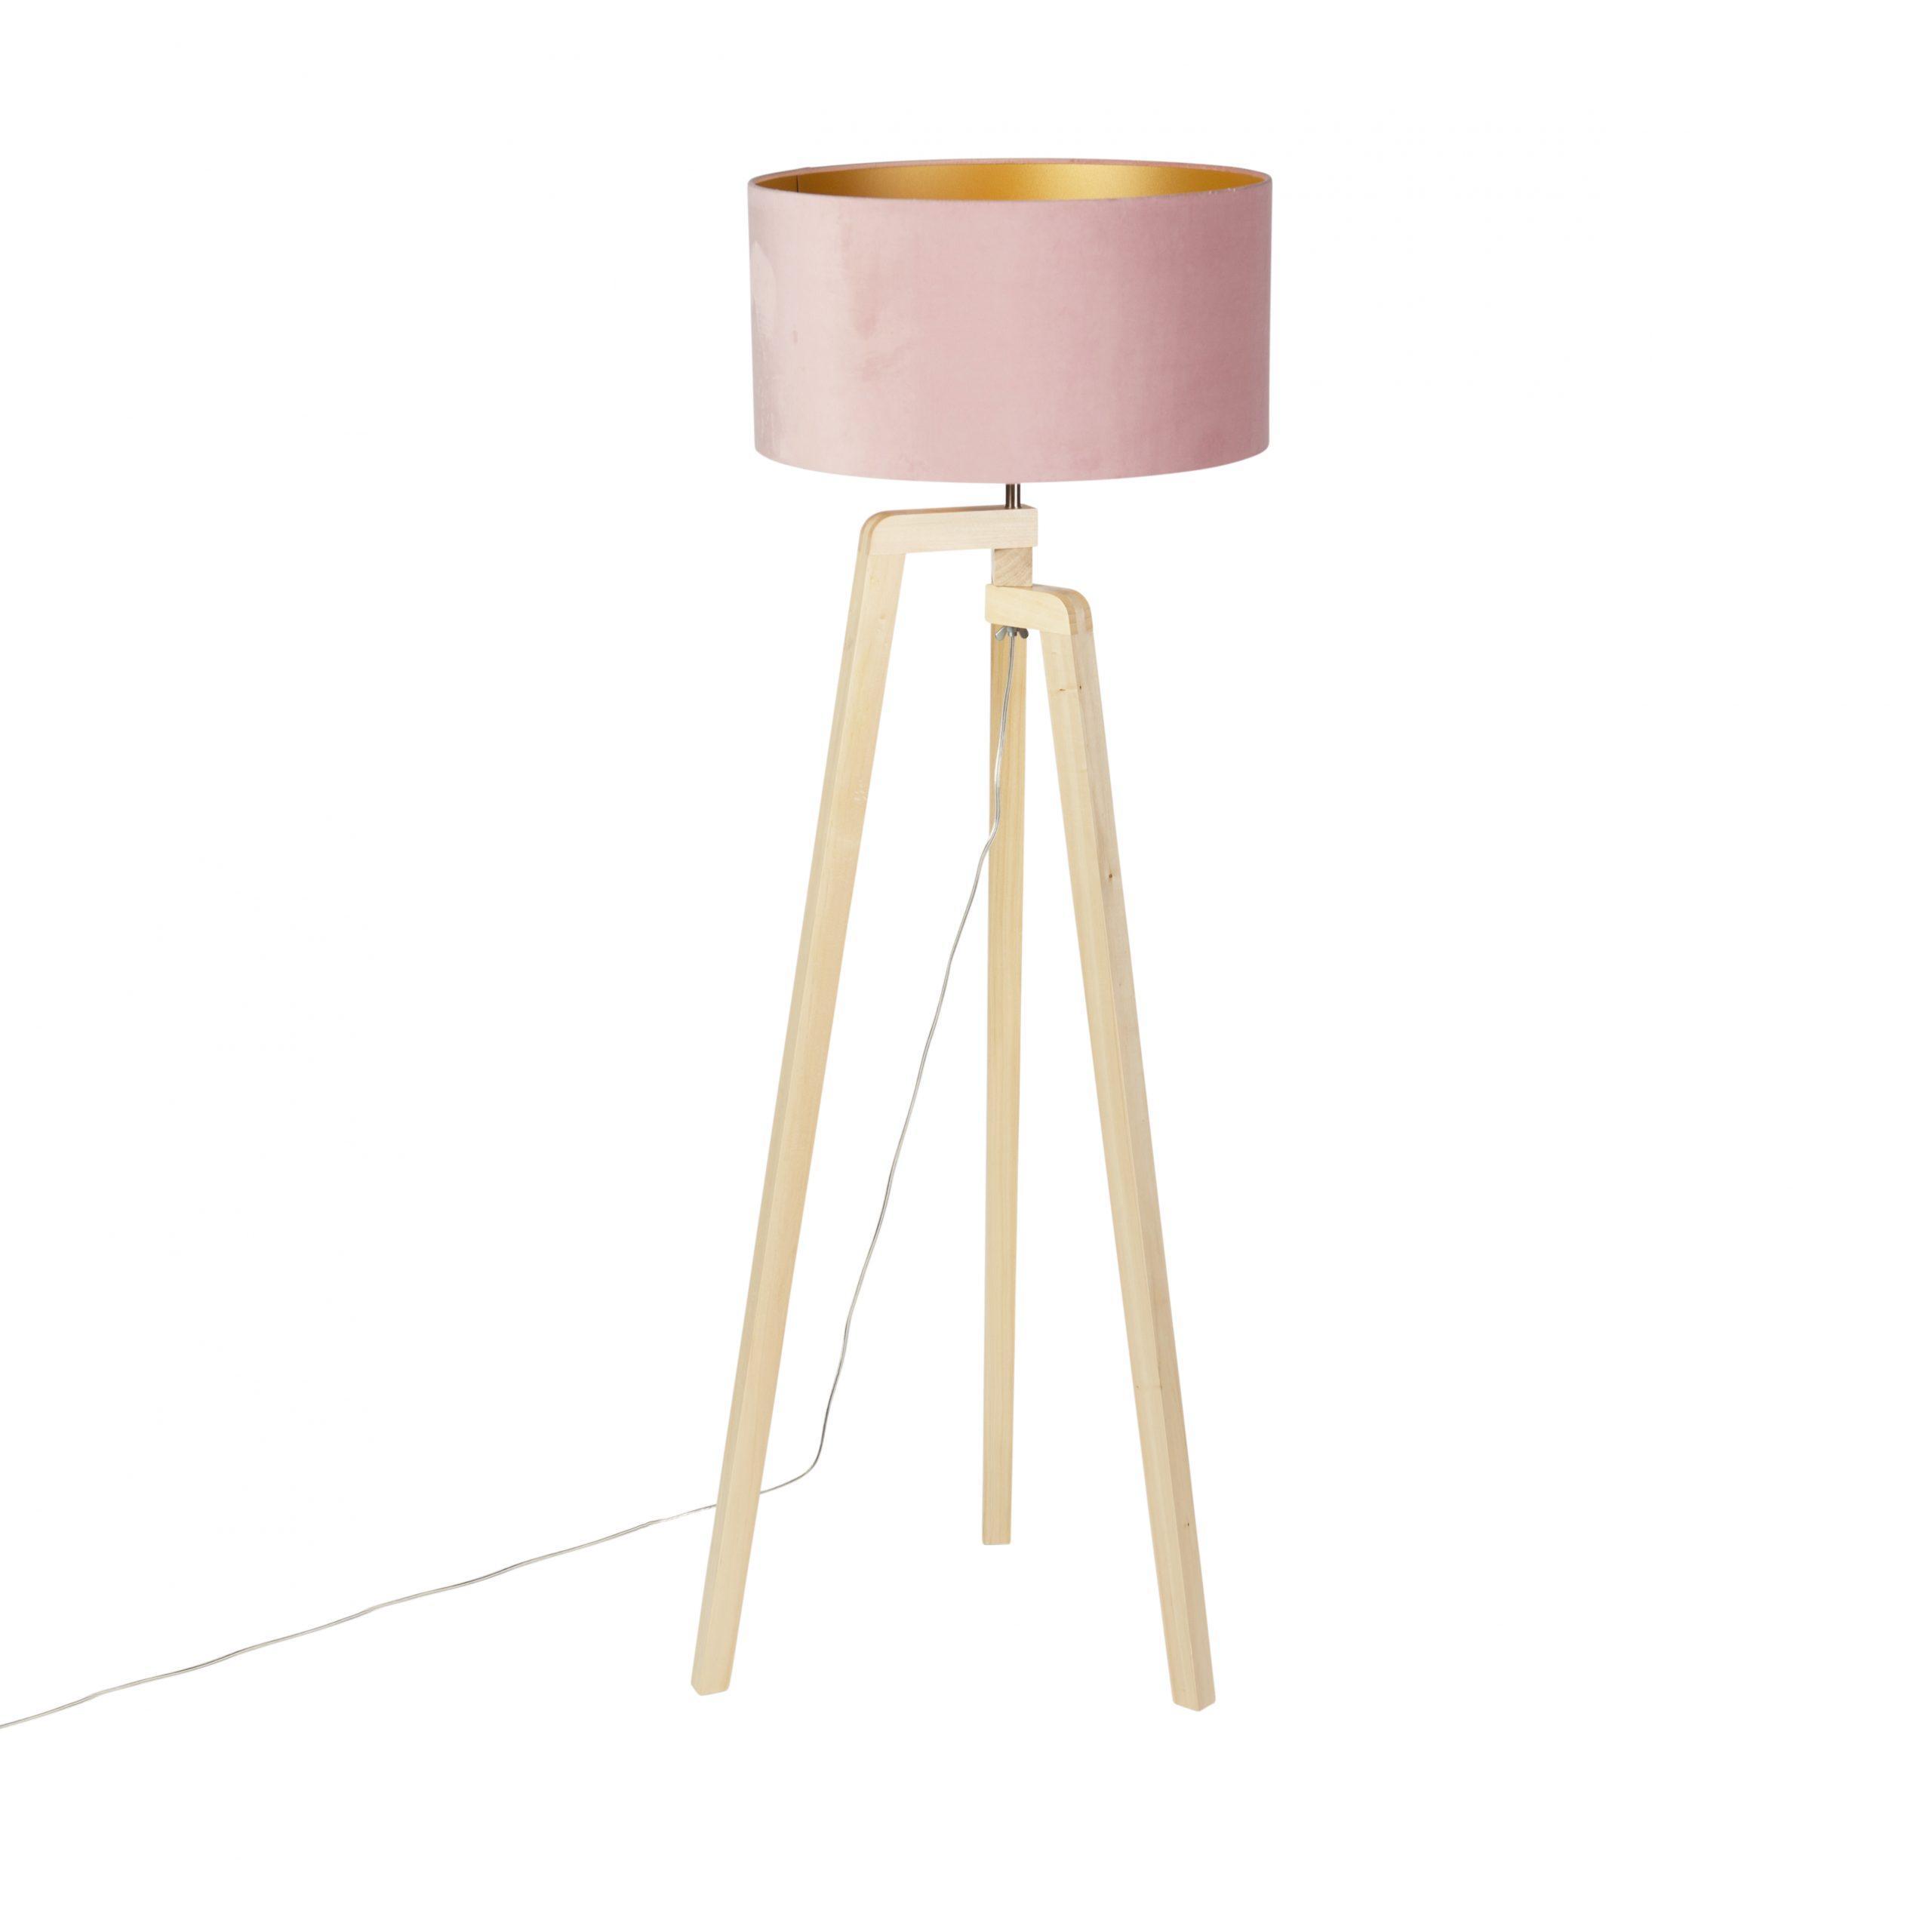 Vloerlamp Puros hout met kap 50cm velours oud roze – goud | QAZQA | 8718881093418